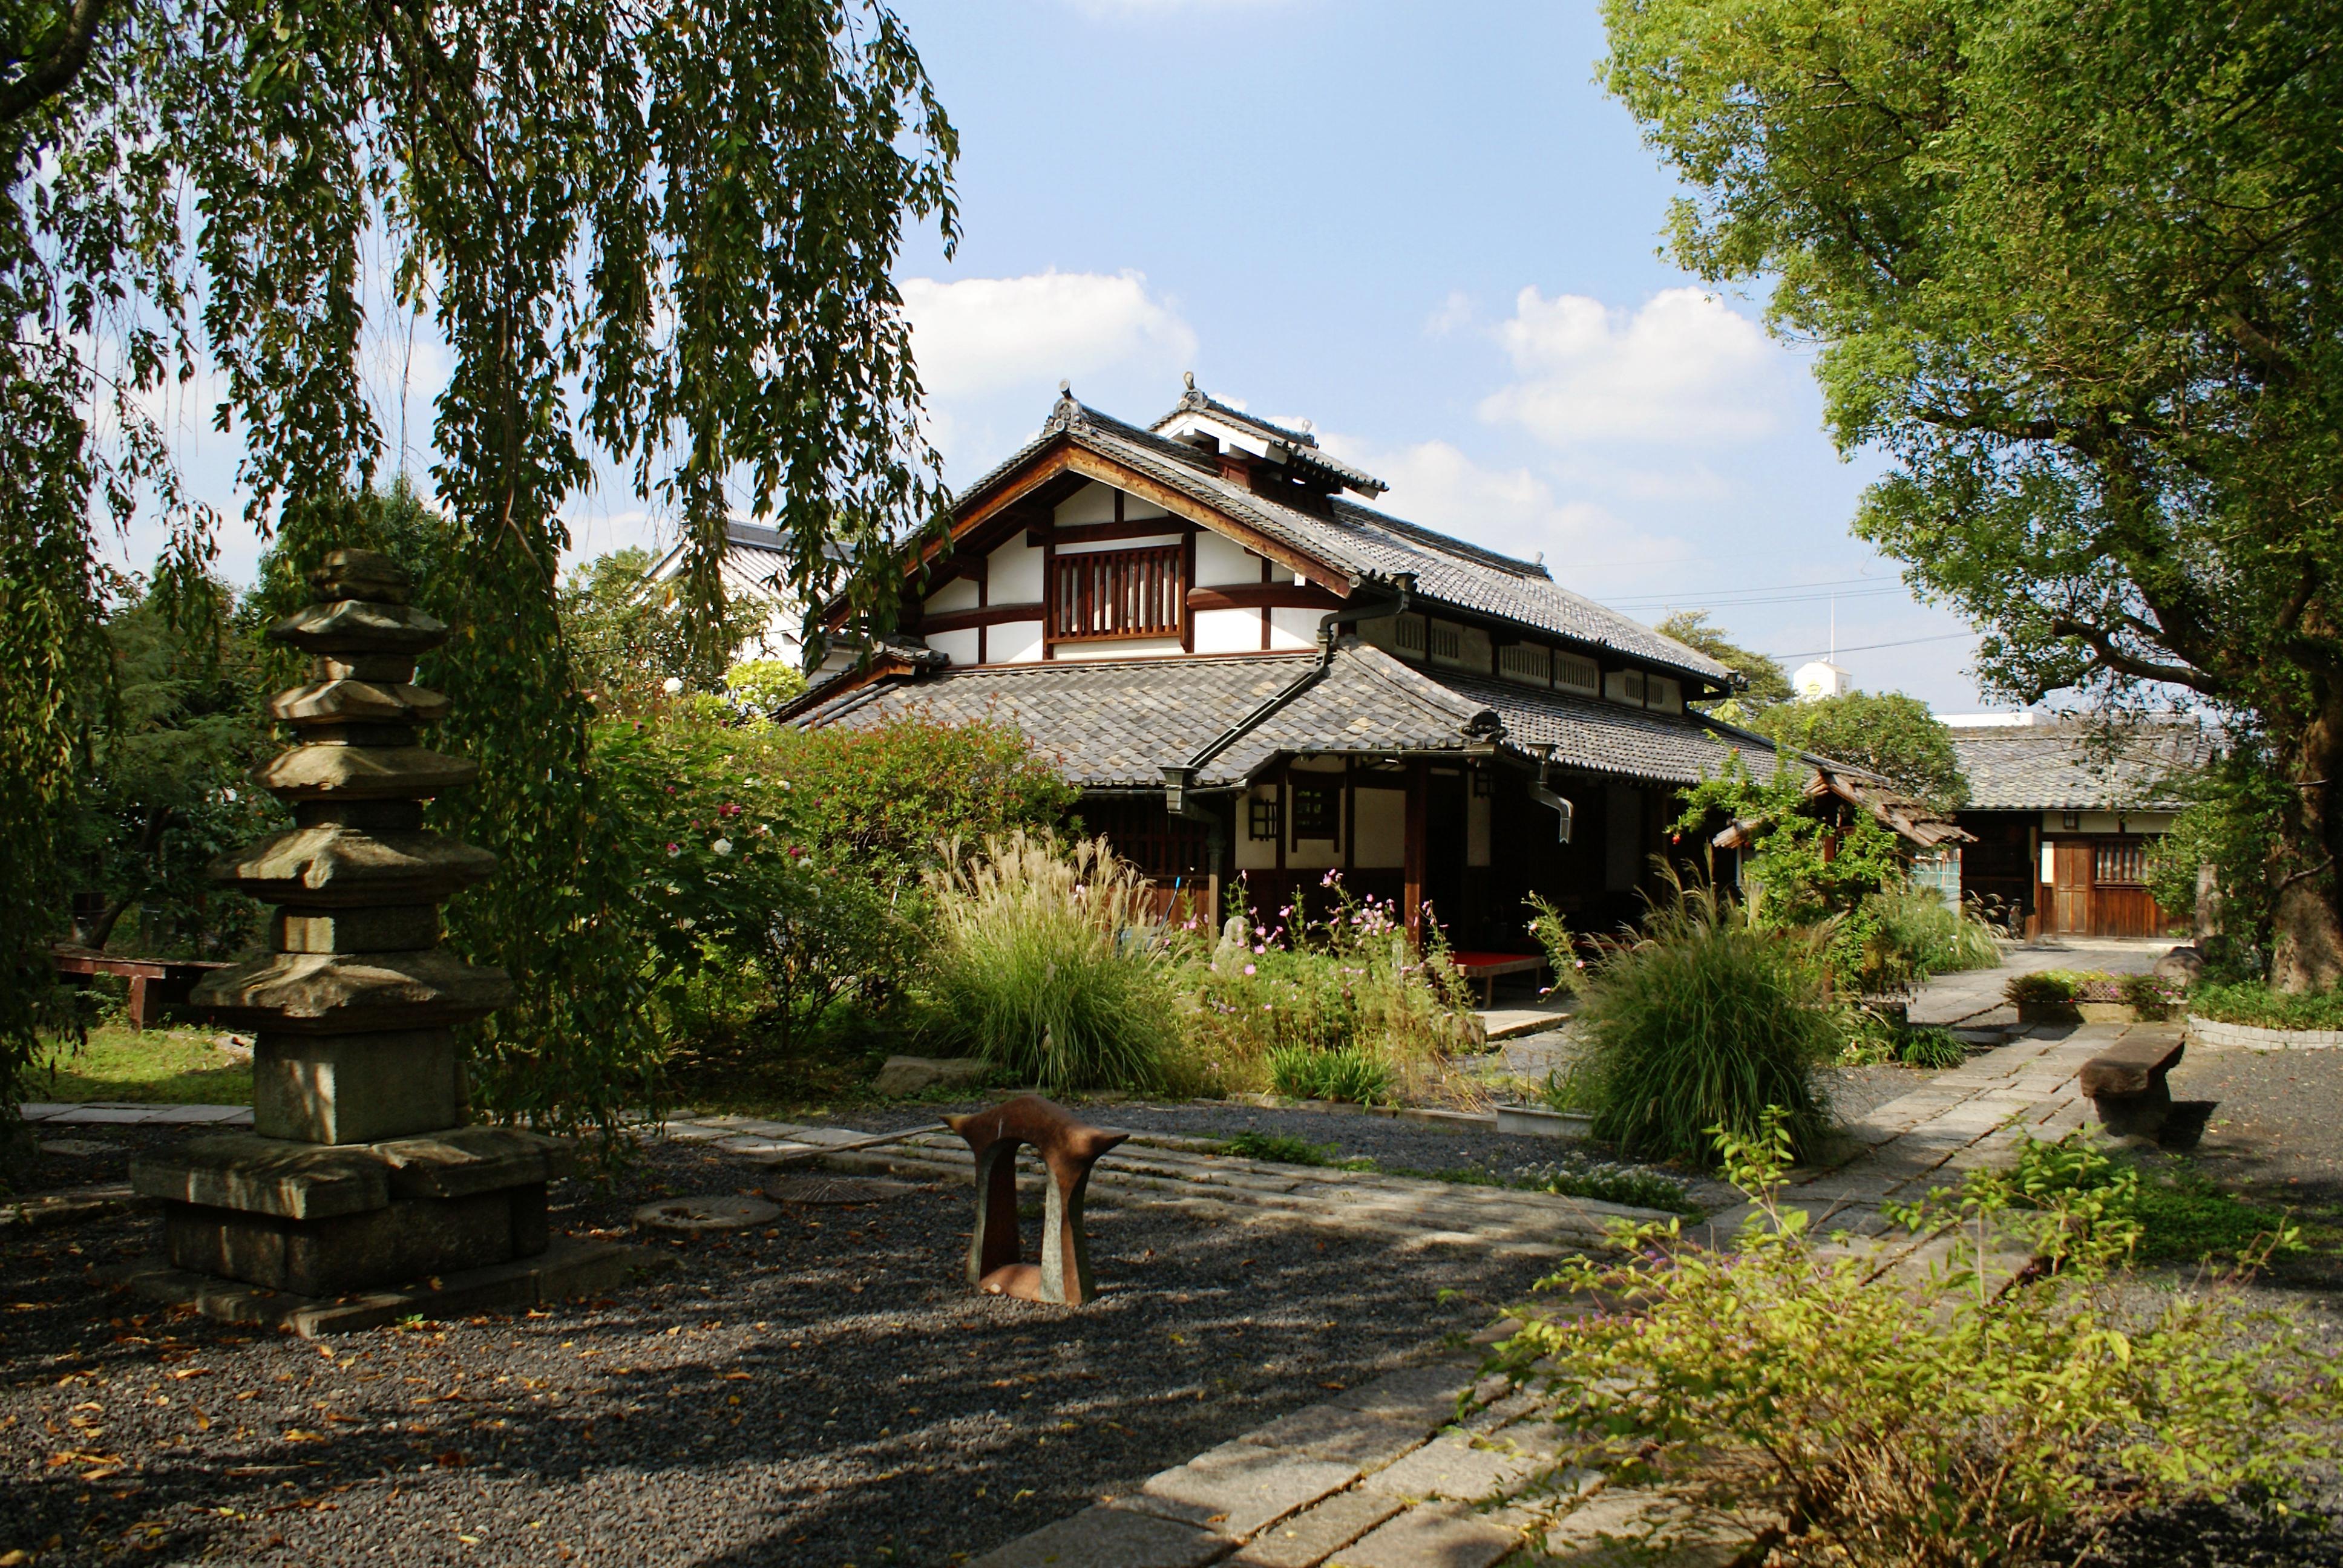 ヤクザ 平山 観光 奈良